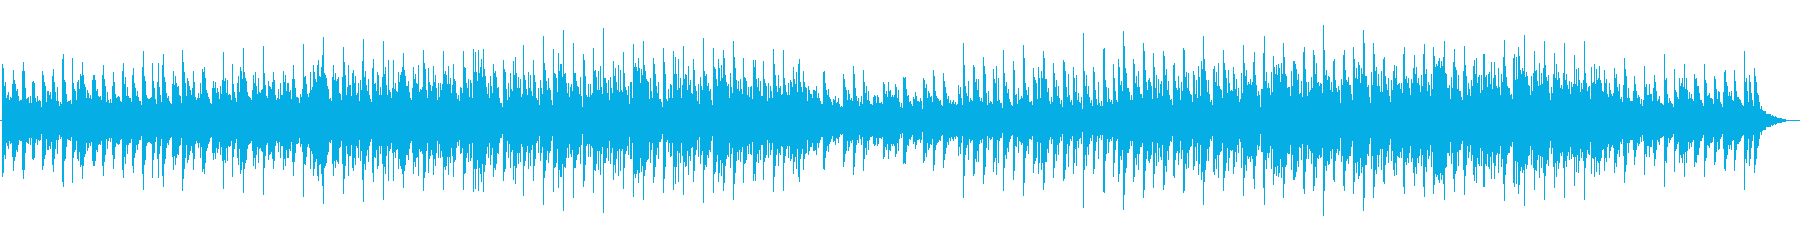 秋の夜の心落ち着くアコギBGMの再生済みの波形